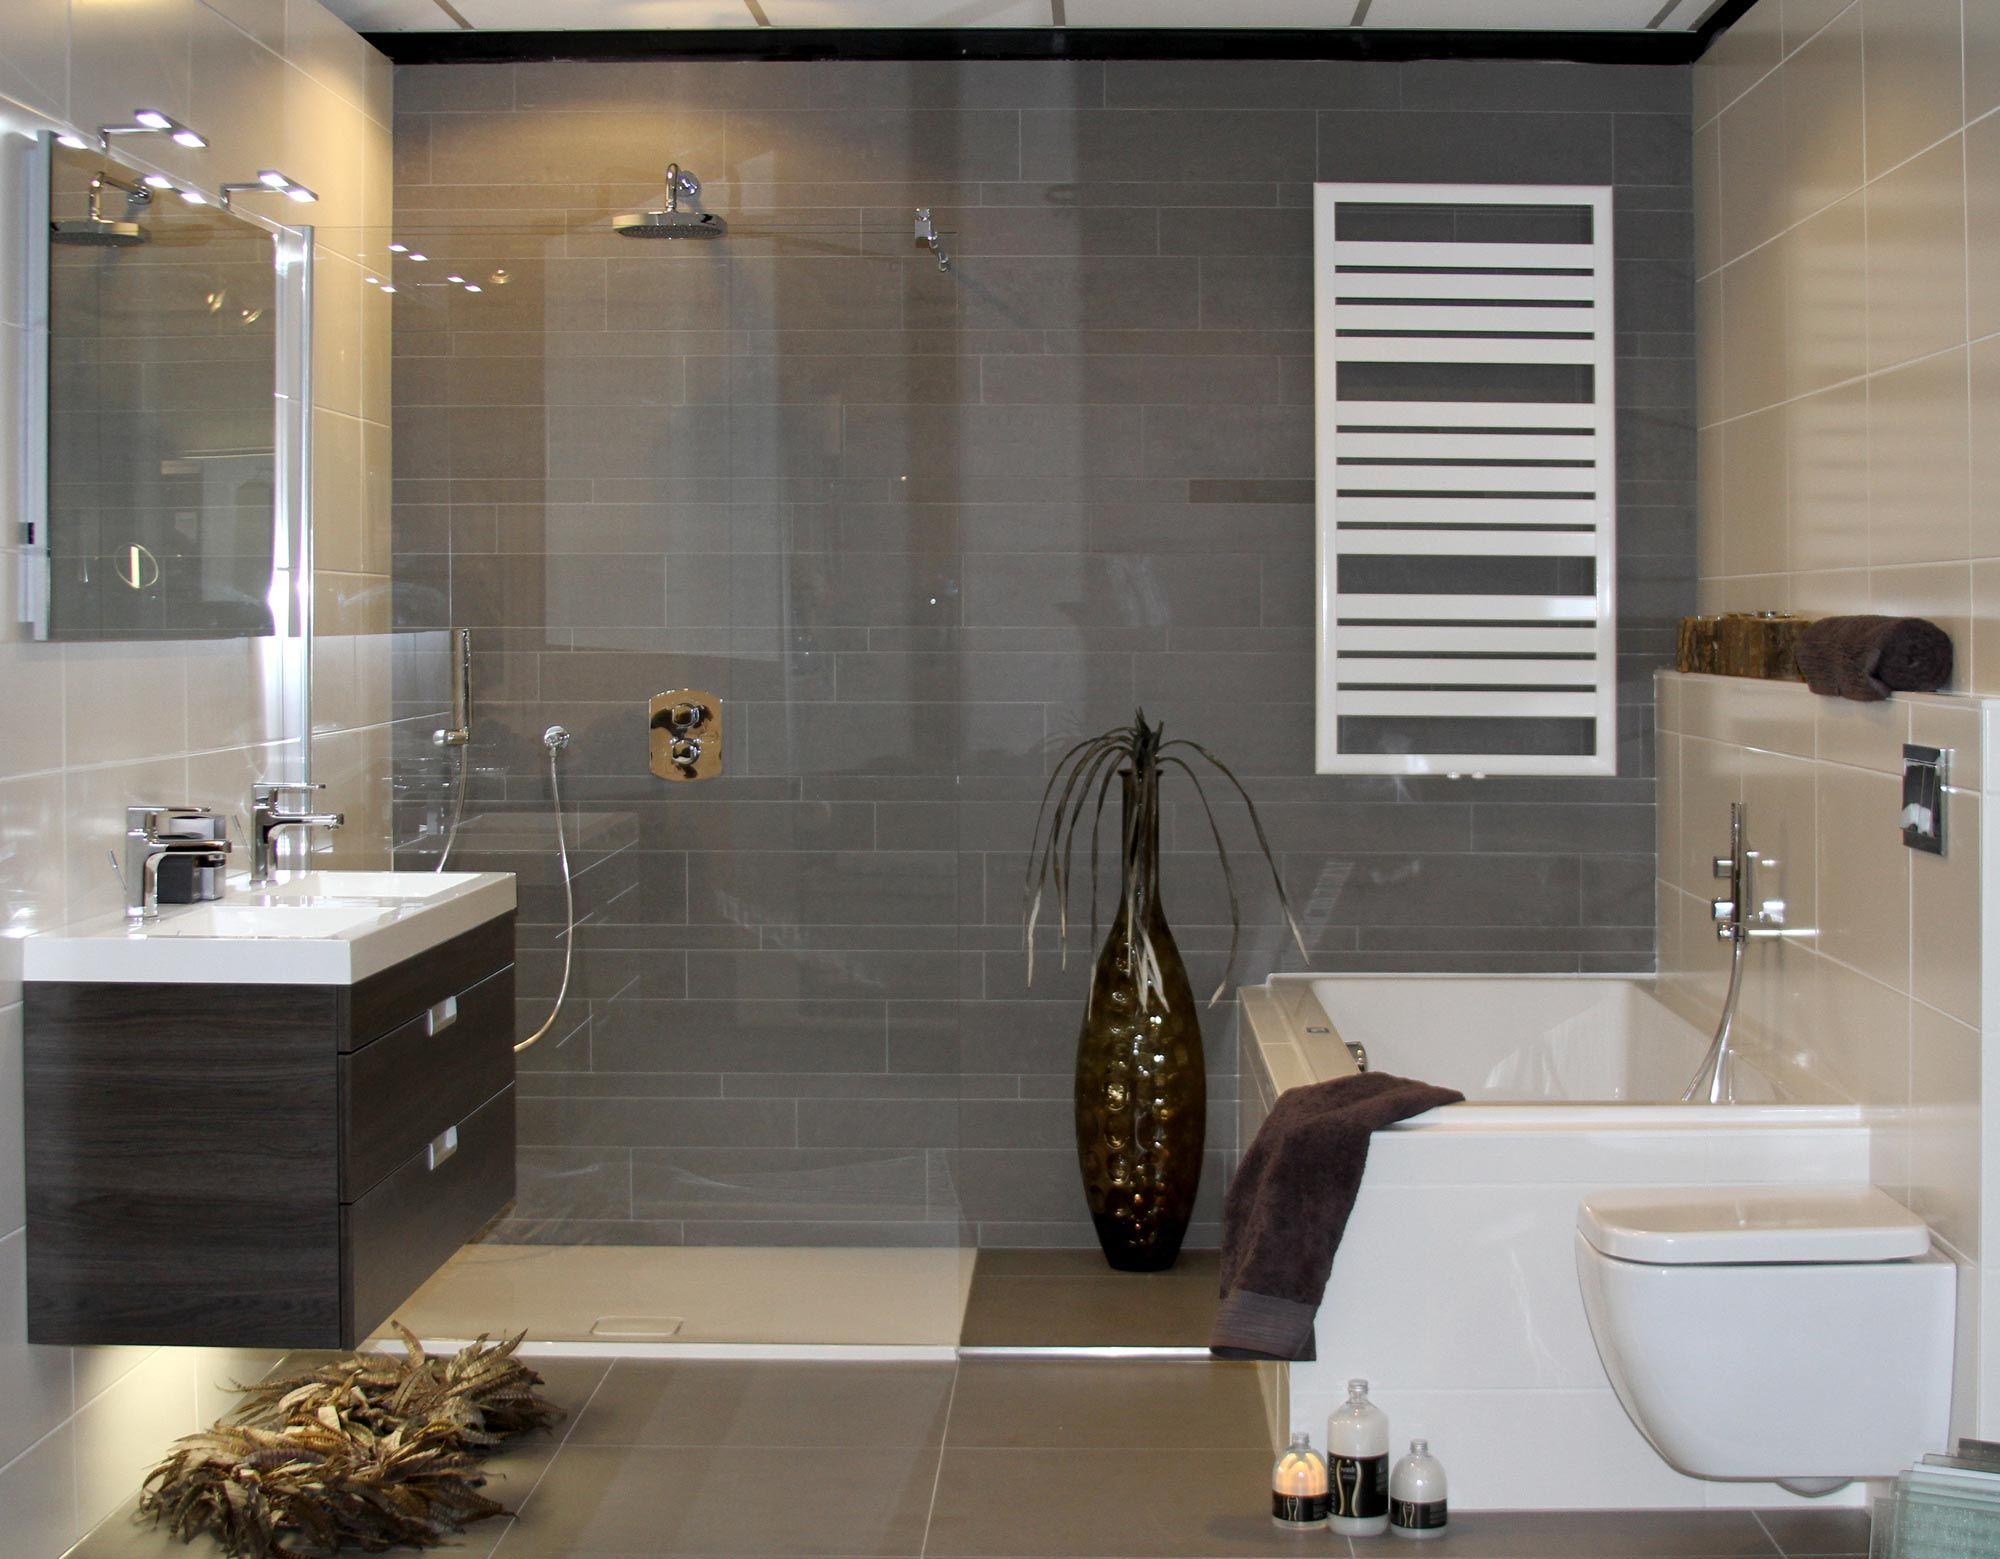 Bad&body de adviseur voor de moderne badkamer kwaliteit met een